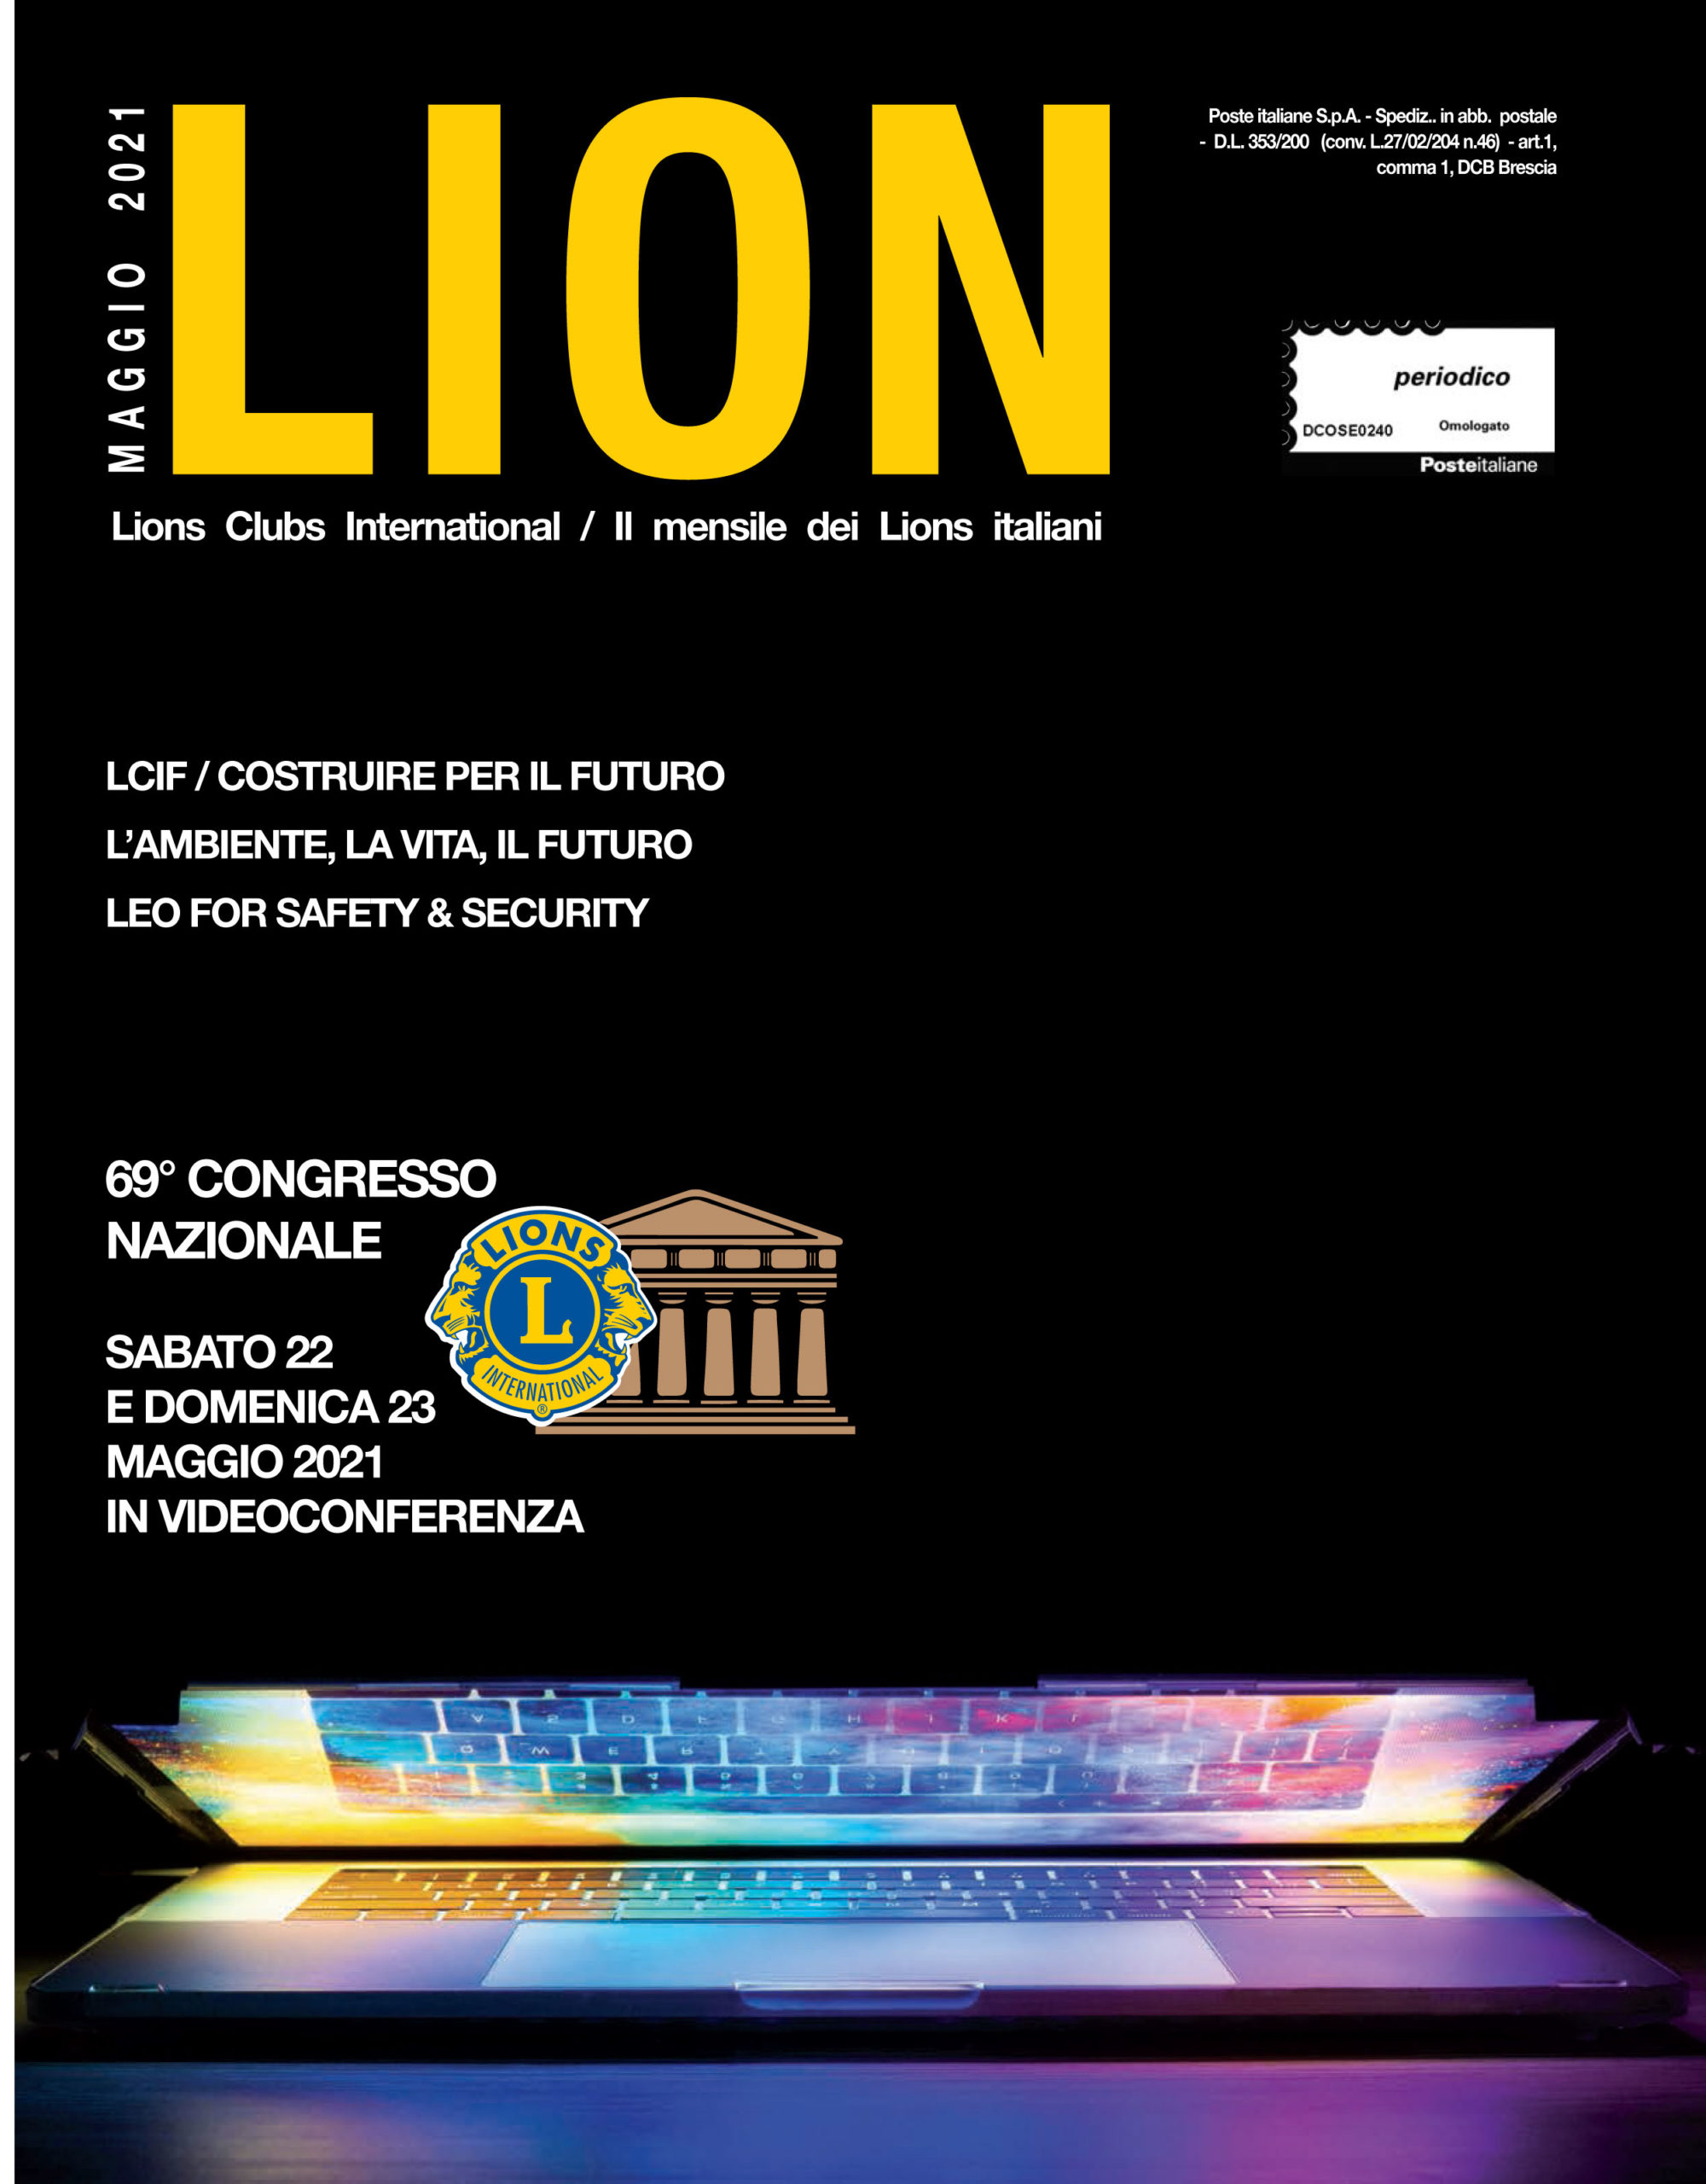 LION MAGGIO 2021